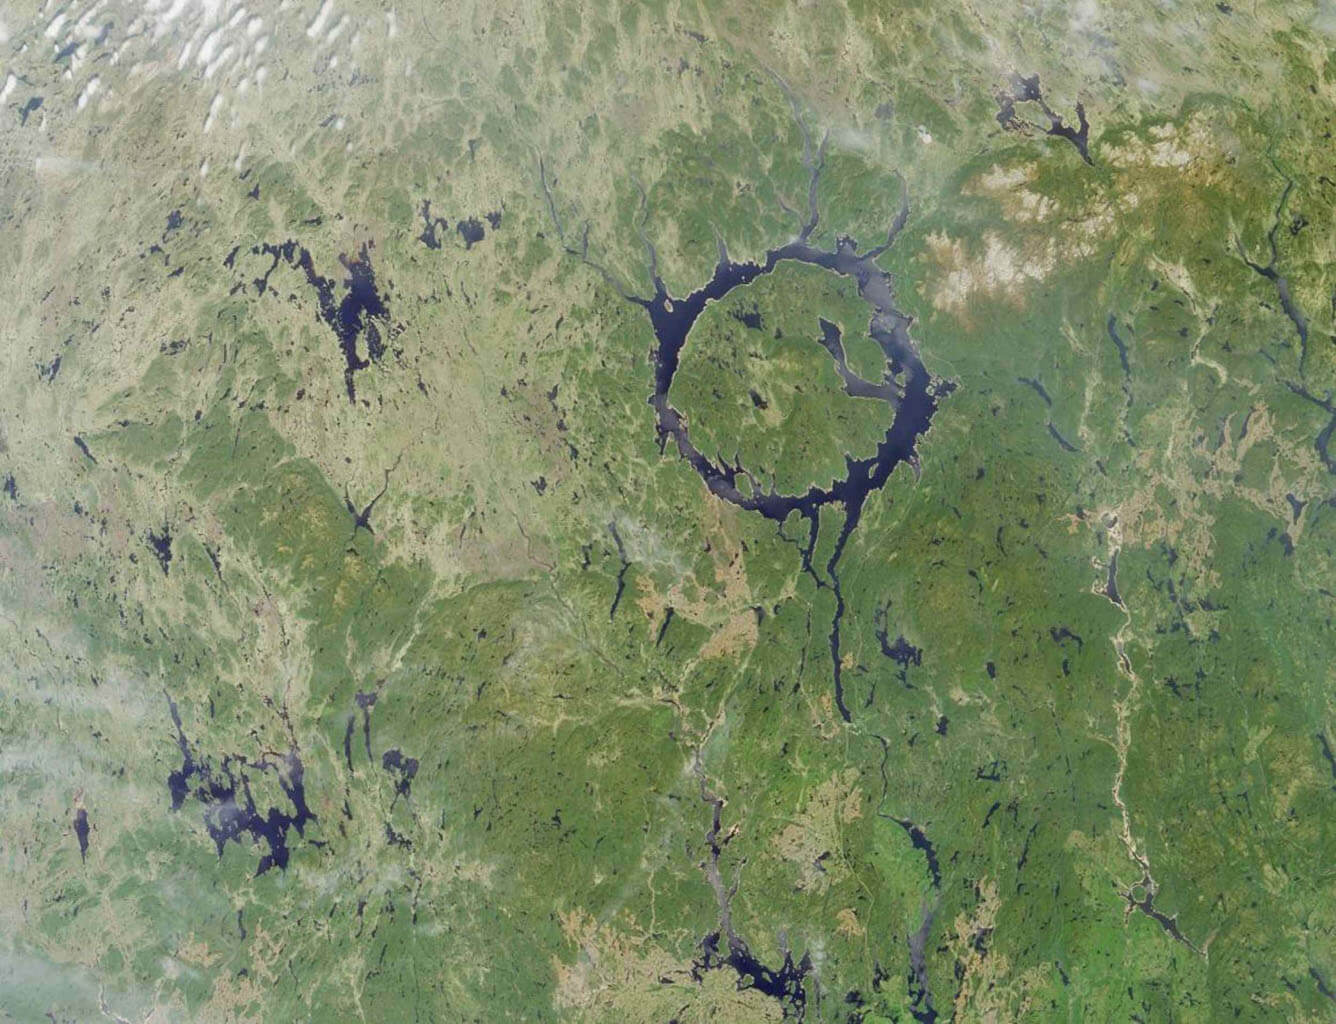 Vista aérea del lago Manicouagan